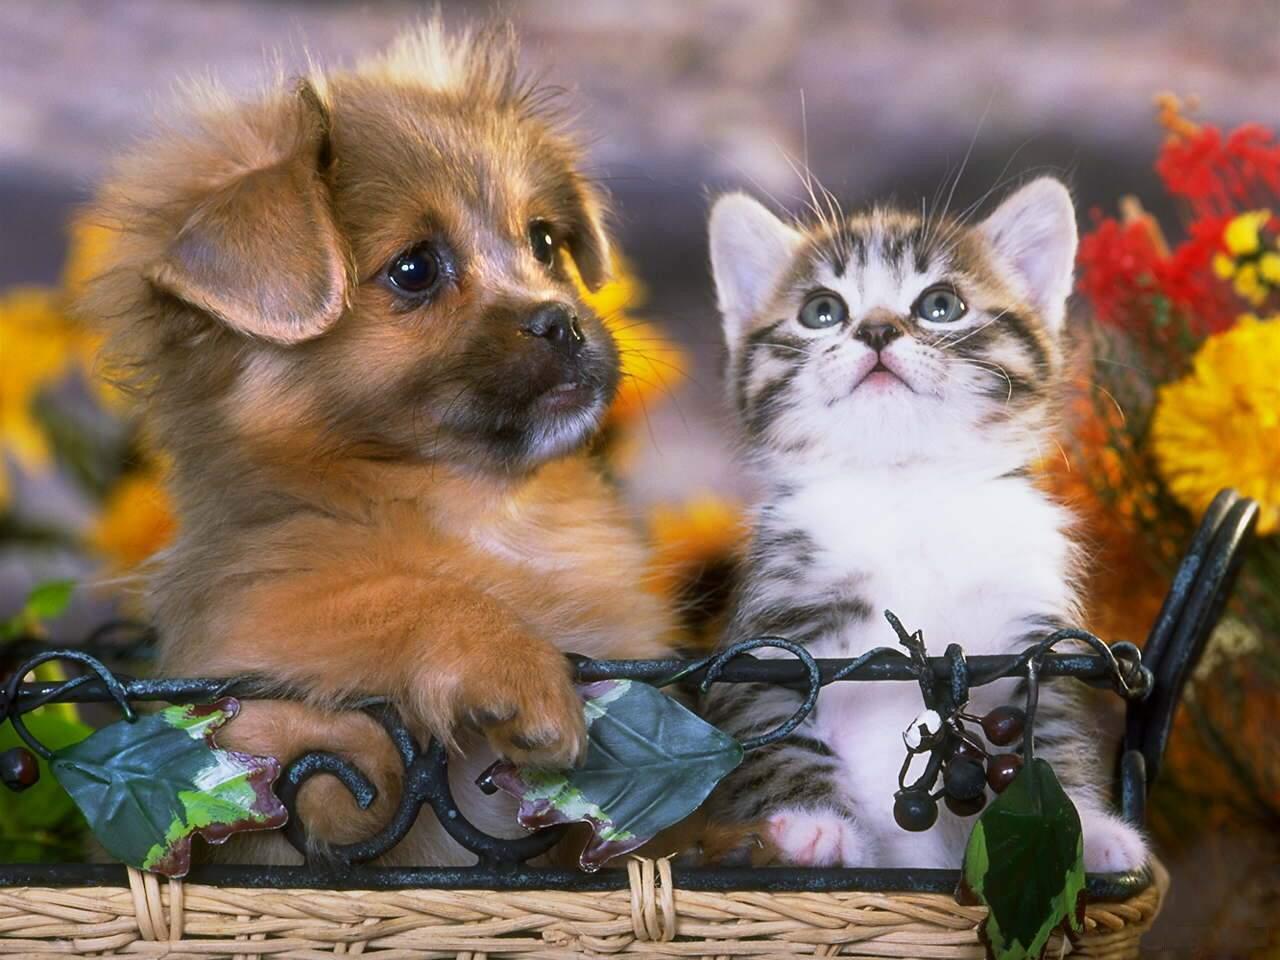 открытка с милыми животными она